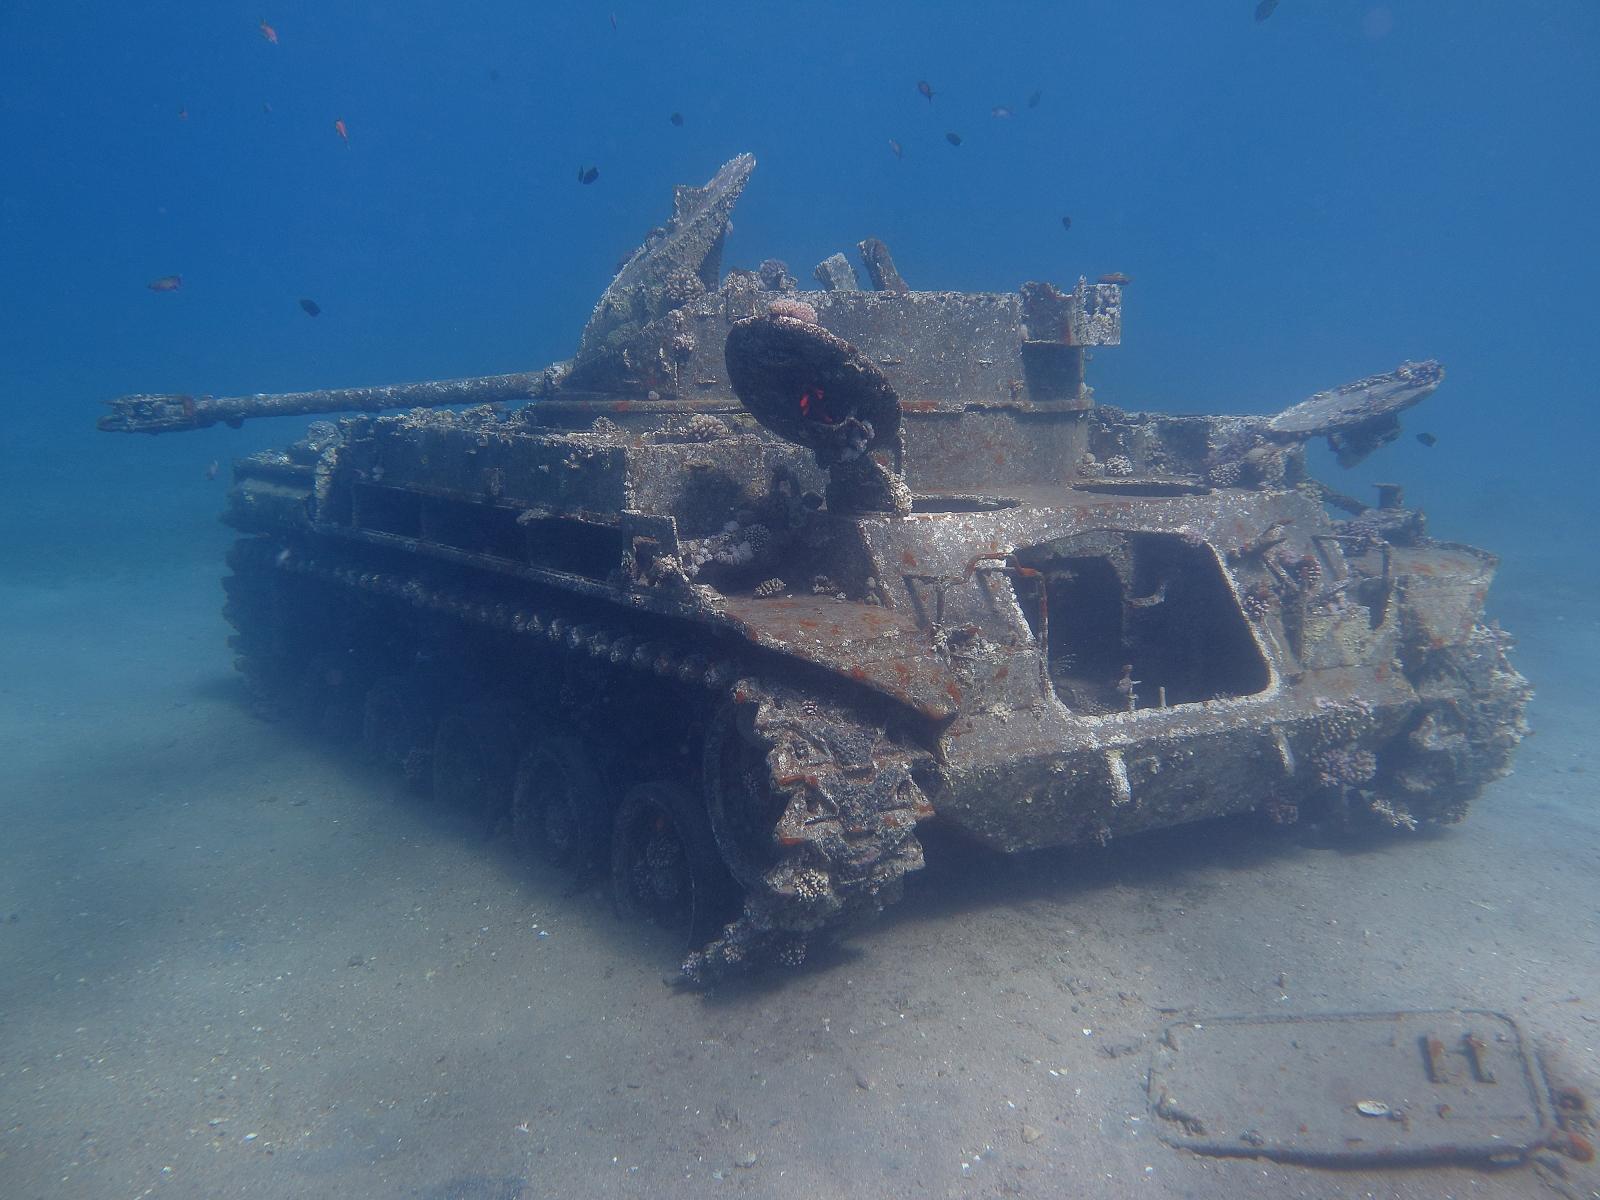 M42_self_propelled_AA_gun_%22Duster%22_in_the_Red_Sea_of_Jordan.jpg